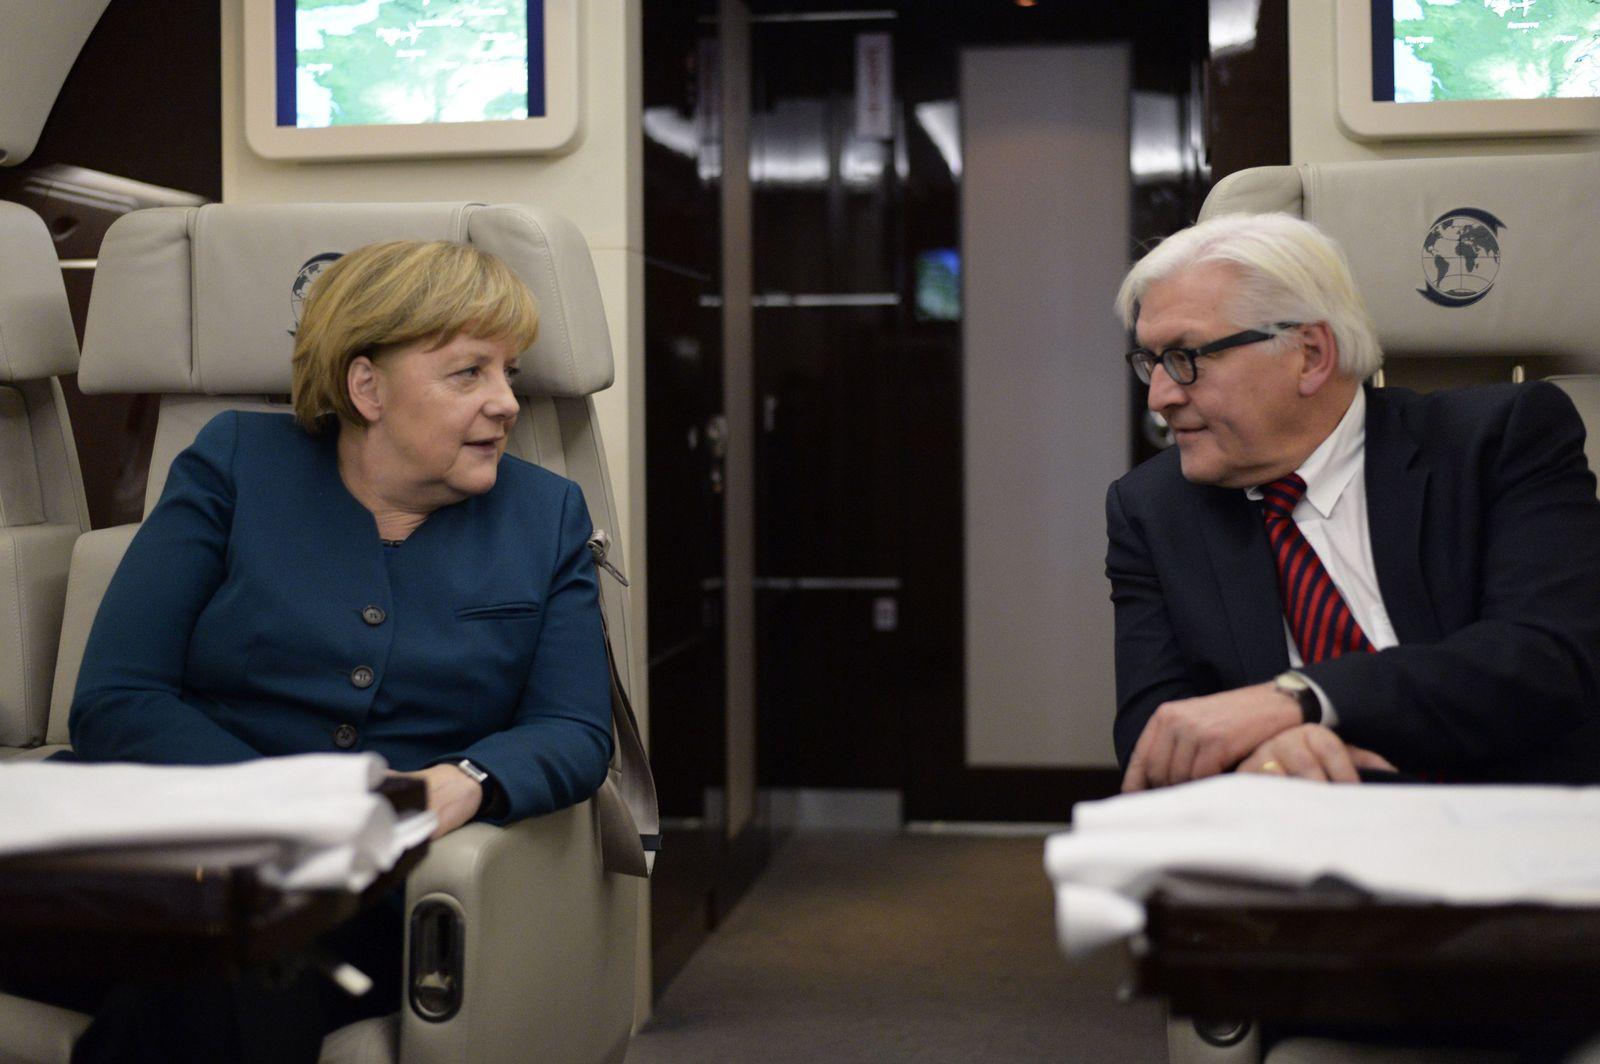 DER SPIEGEL 5/ 2014 16pp SPIN / Deutsche Auslandspolitik